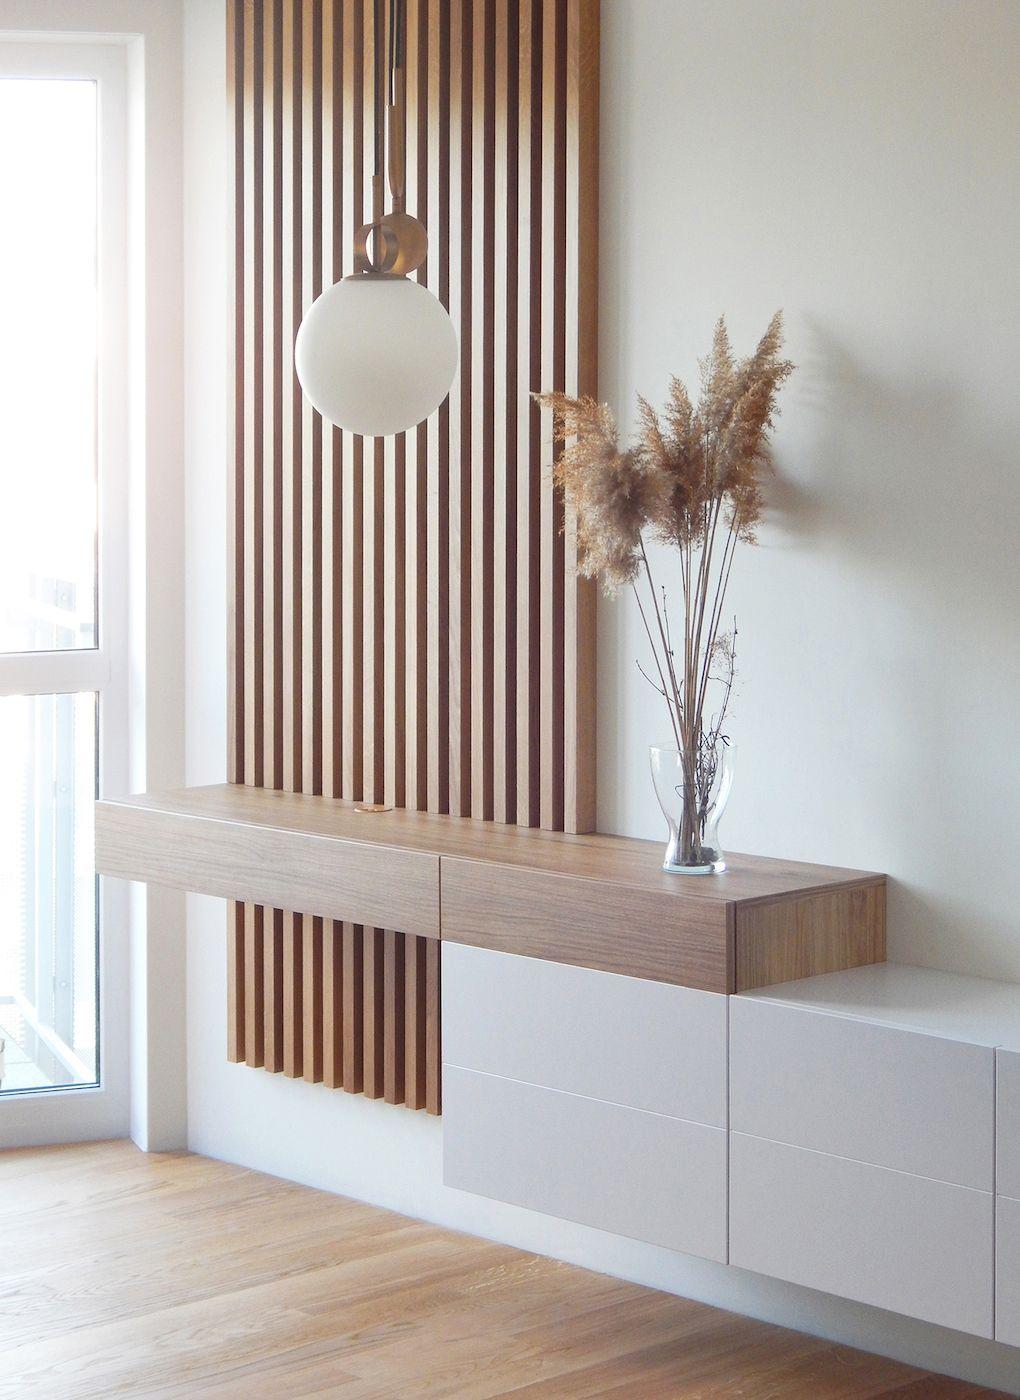 Rack para quarto suspenso com ripa de madeira